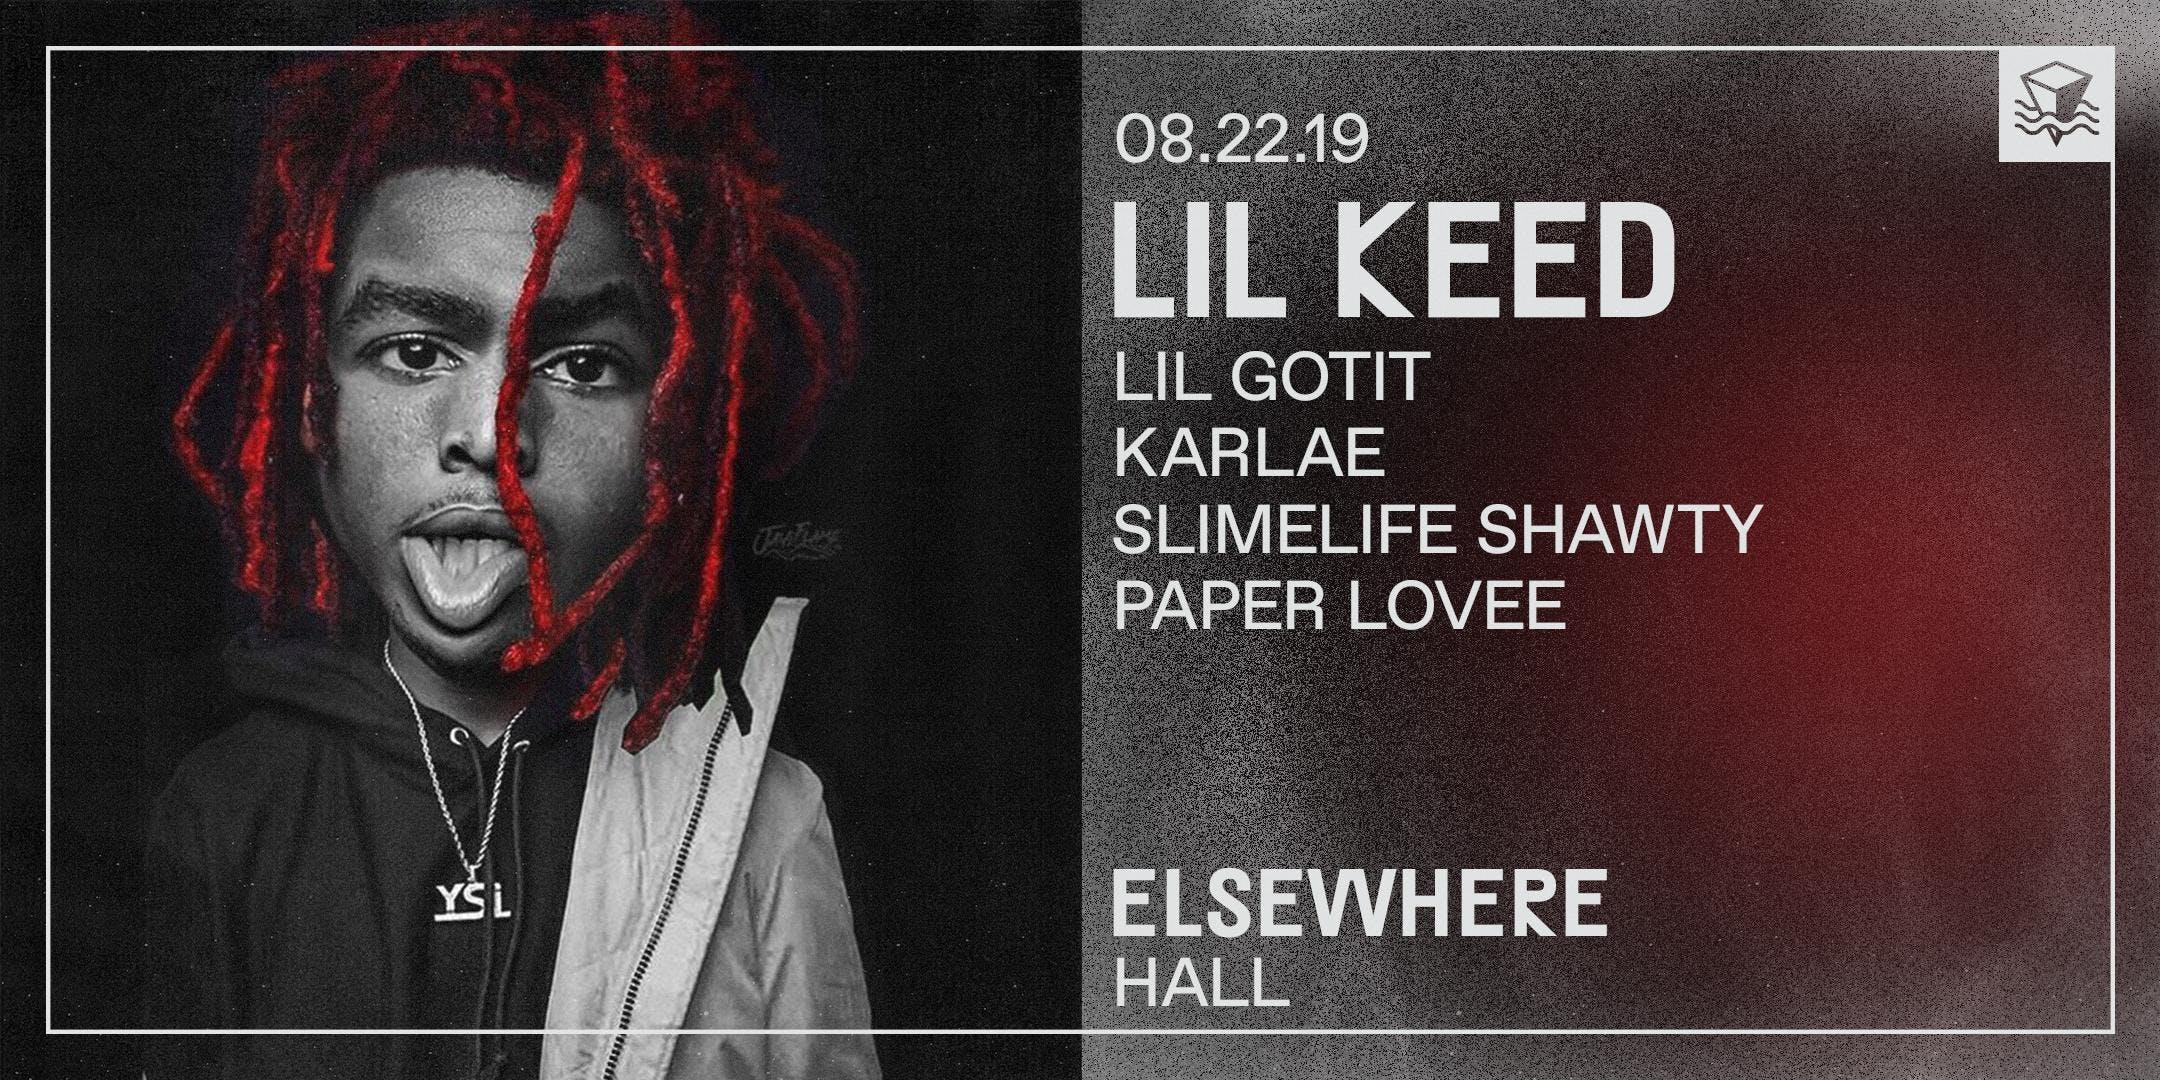 Lil Keed + Lil Gotit